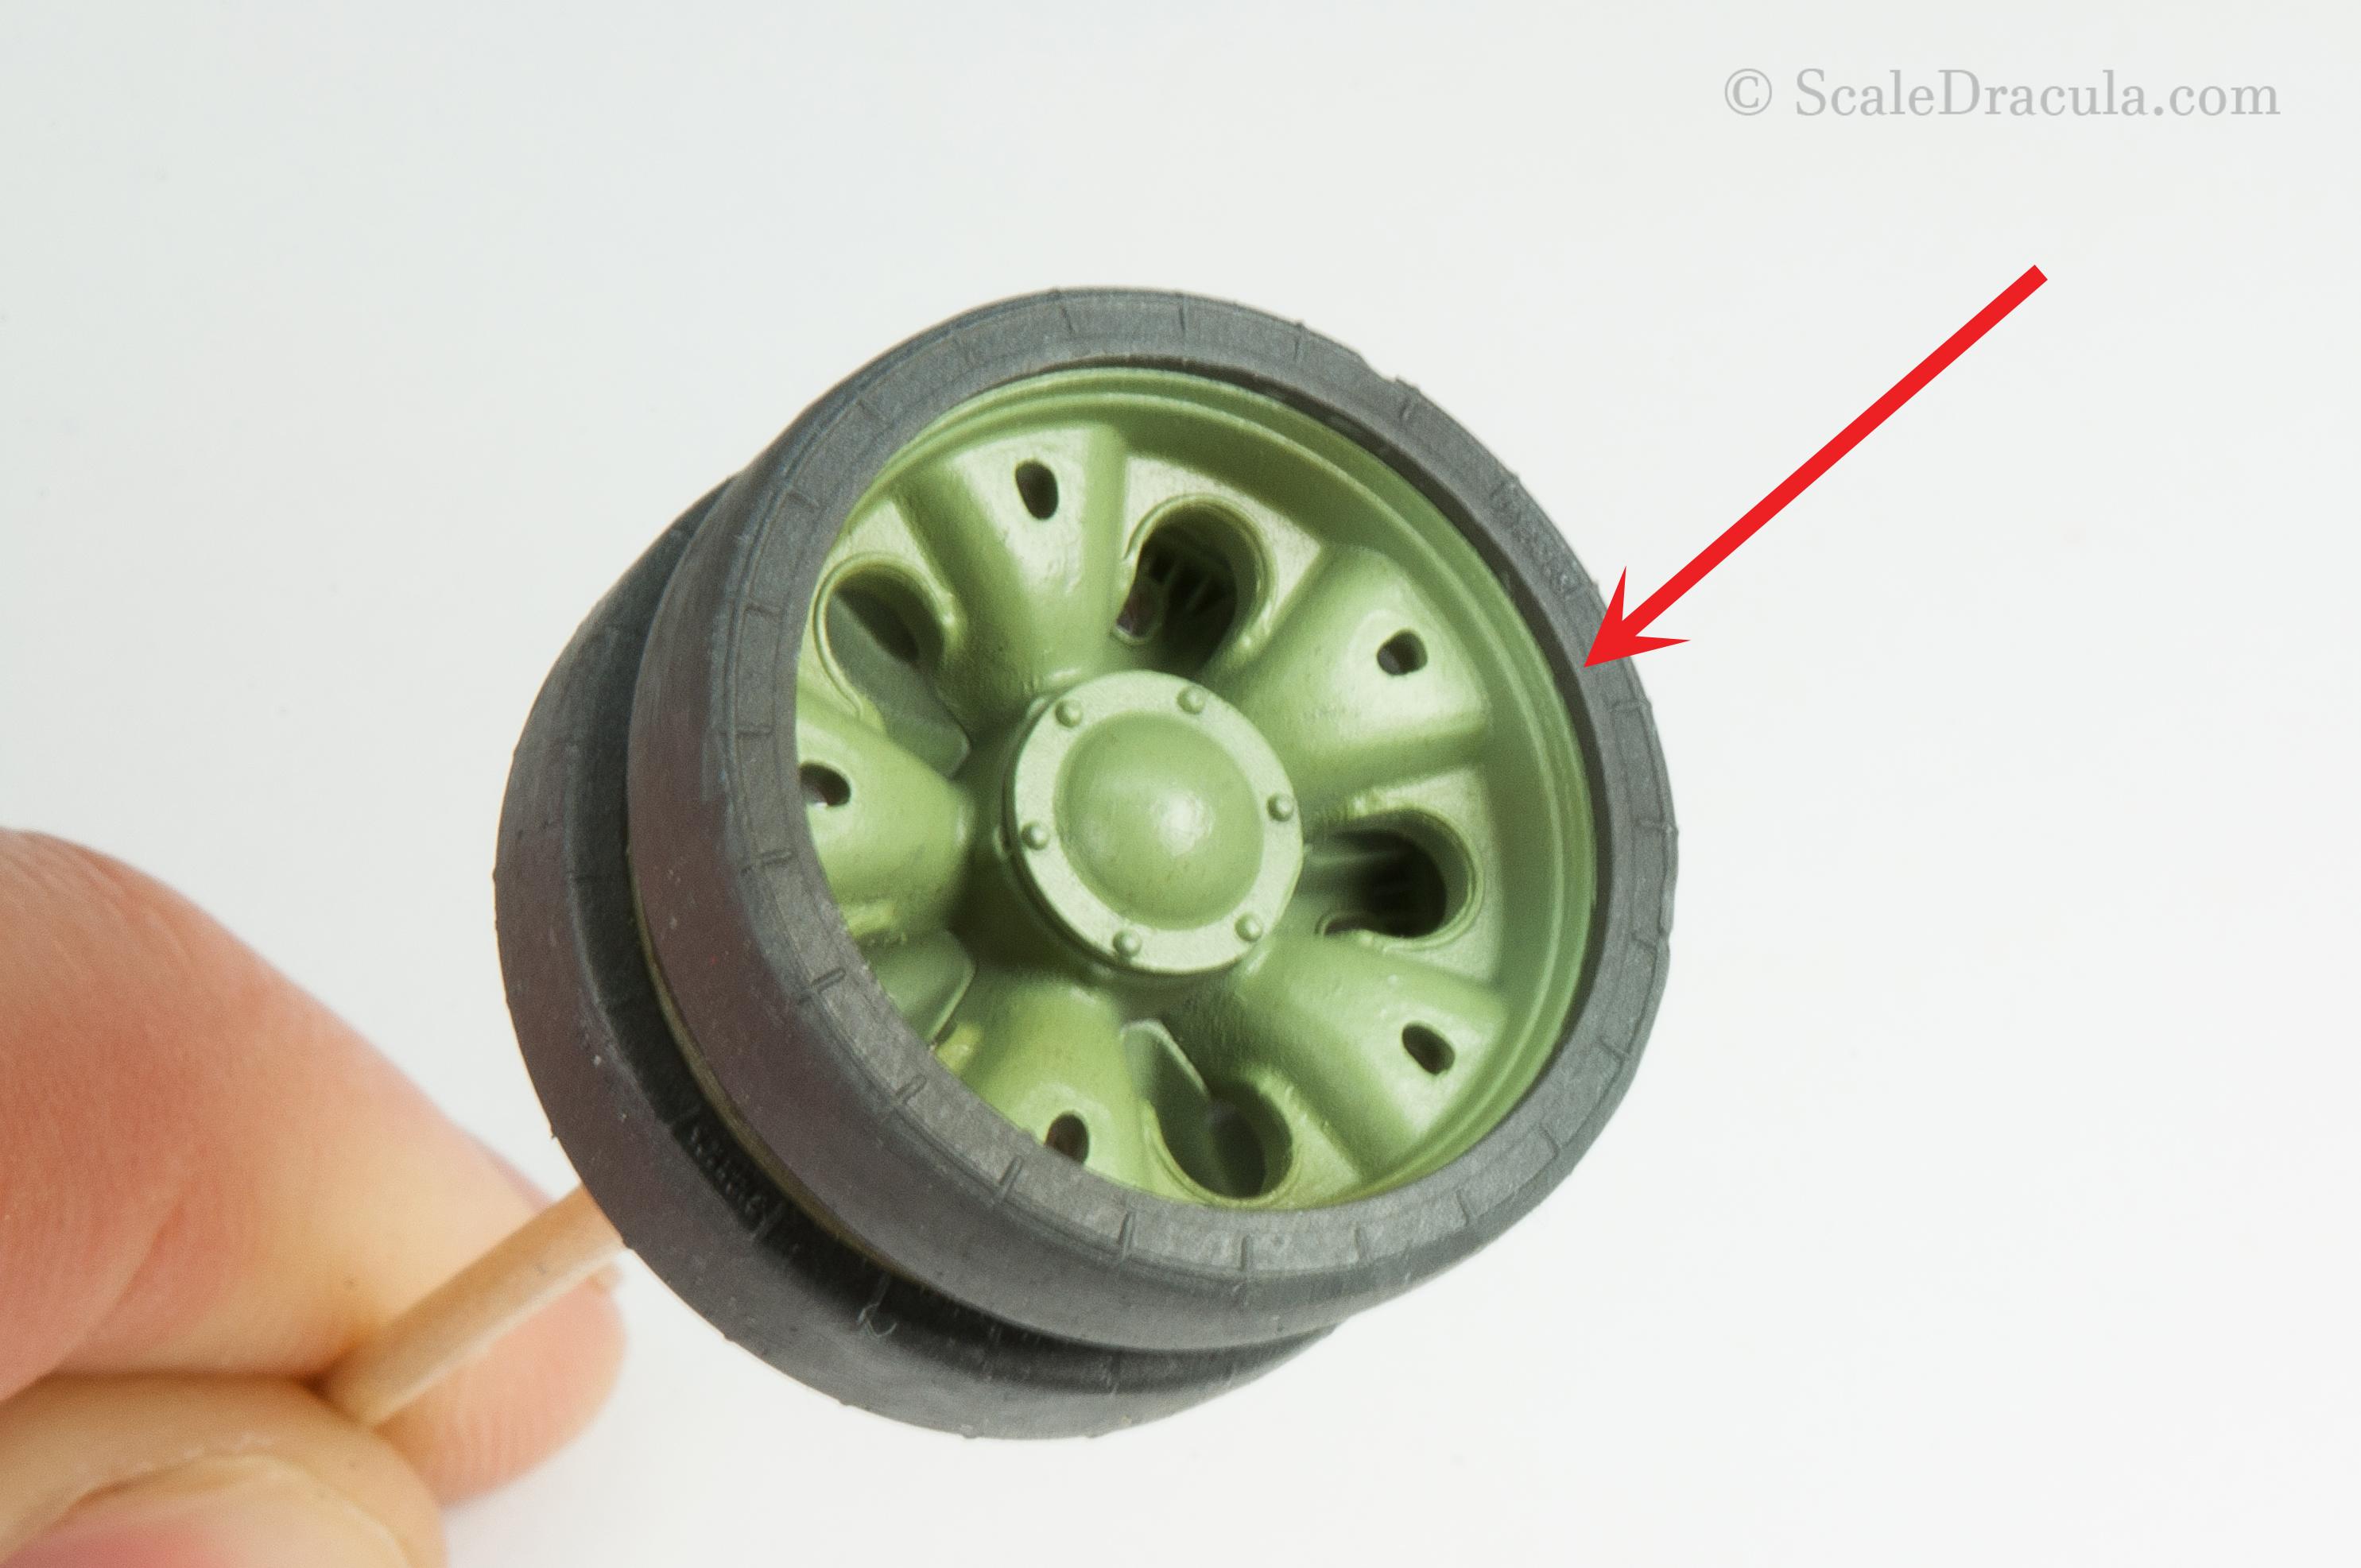 Wheel detail, ZSU-57 by TAKOM